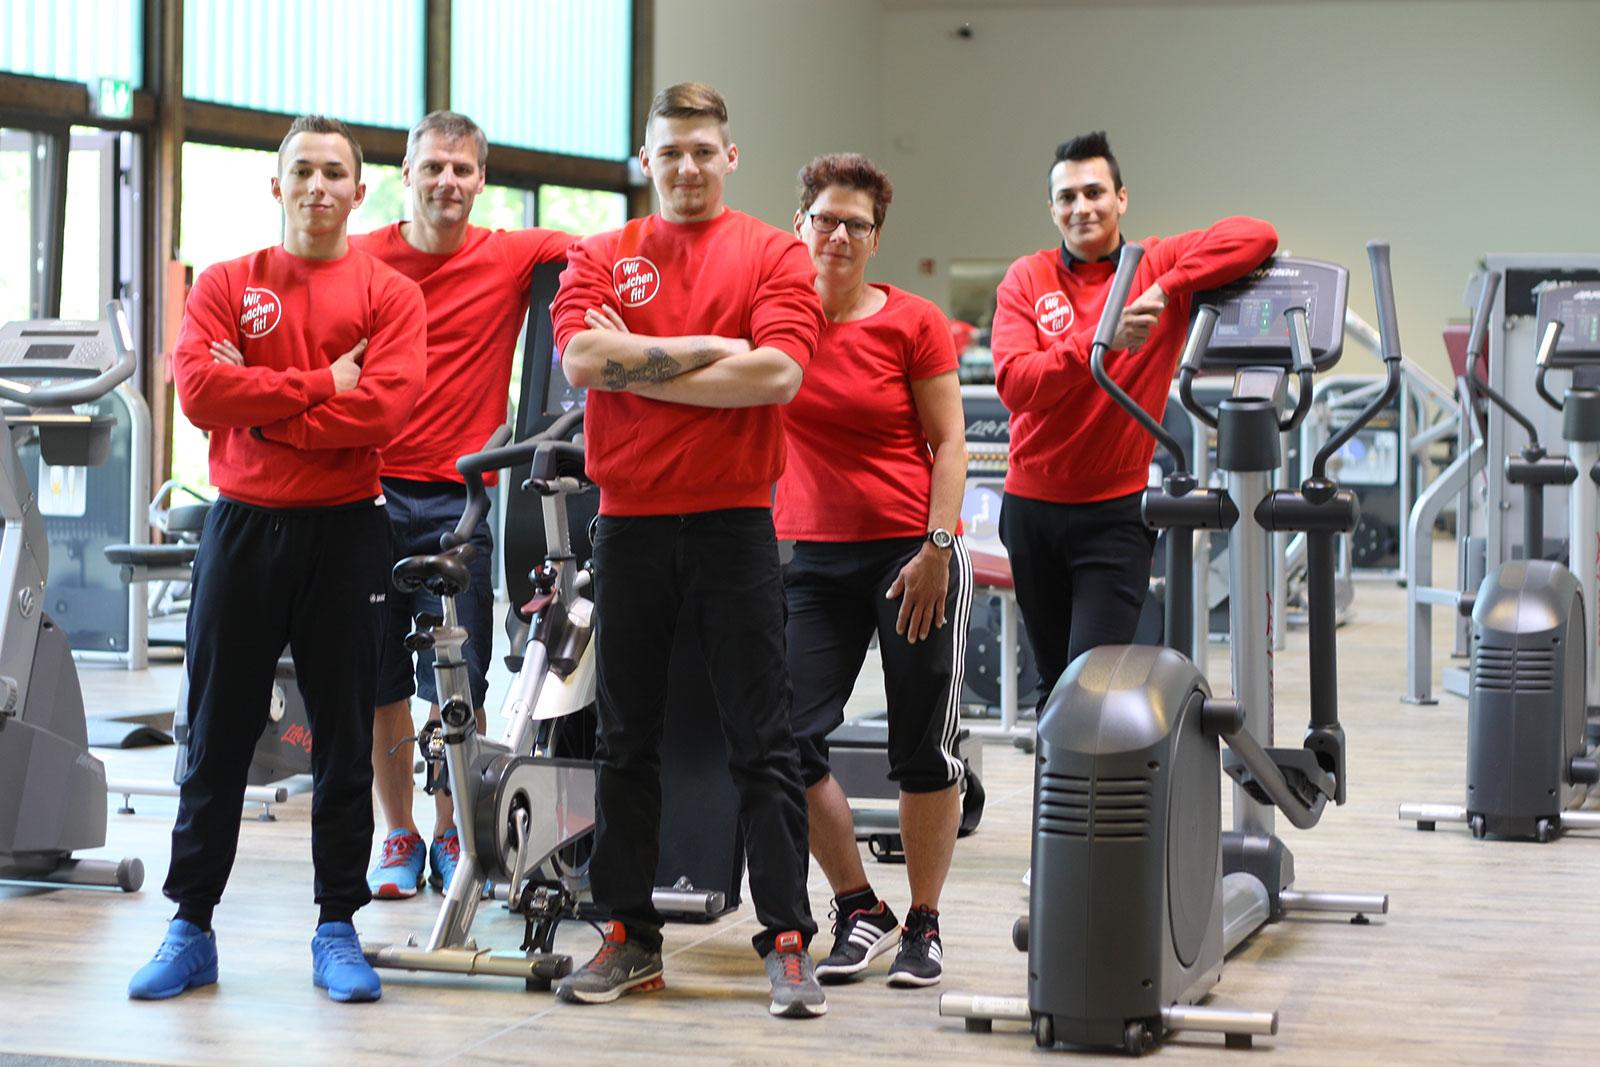 salztal-sport-center-team